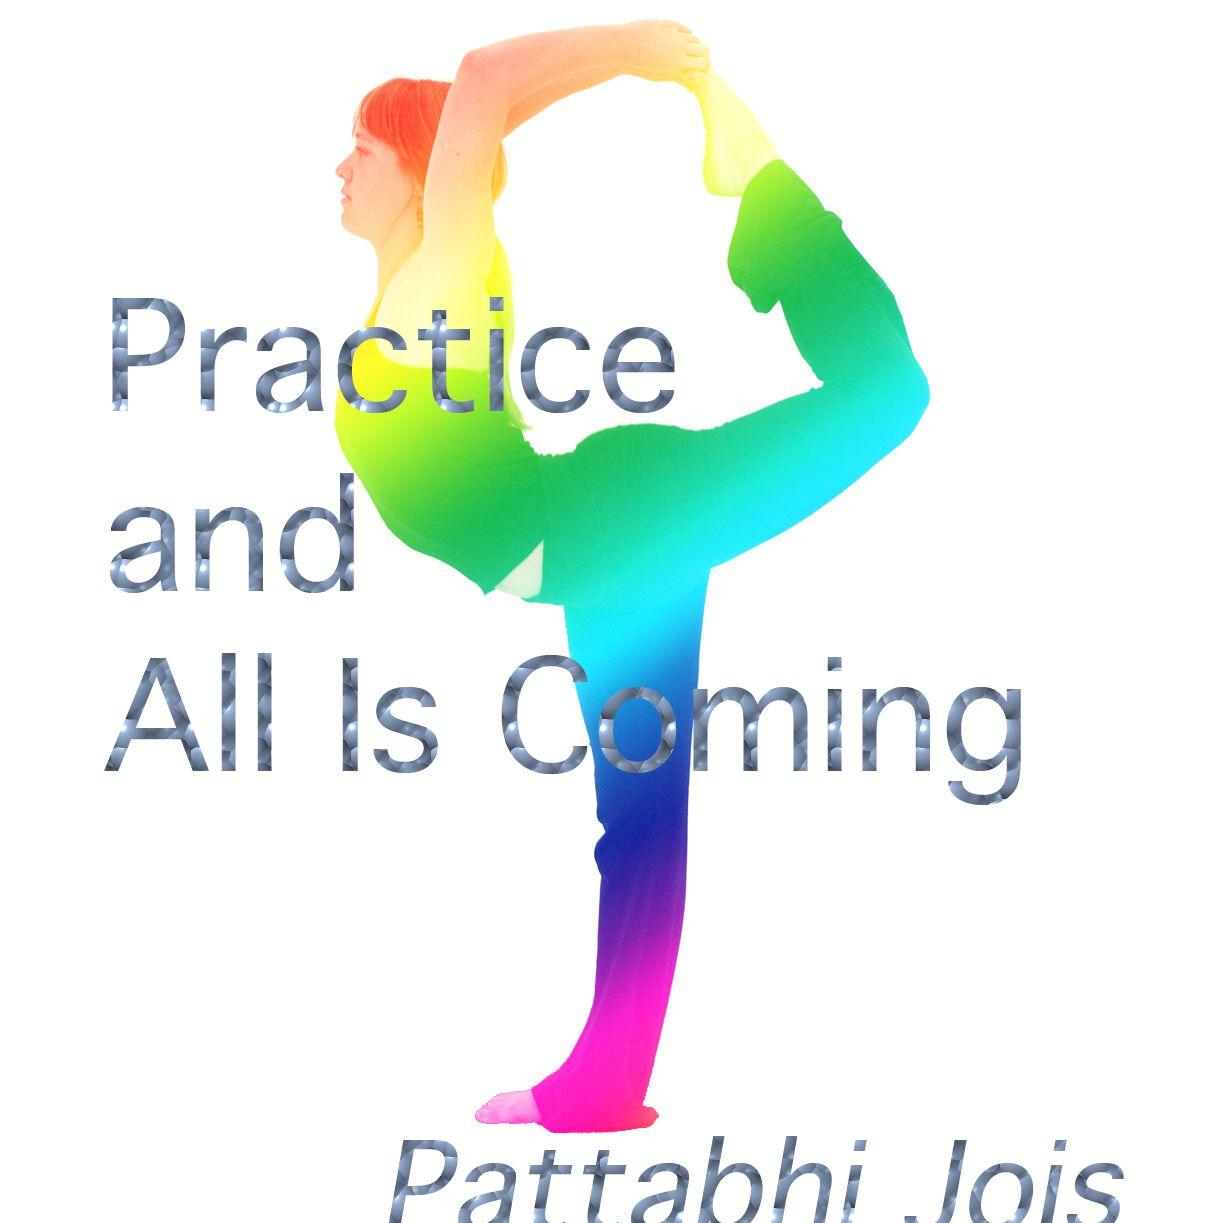 practica y todo viene